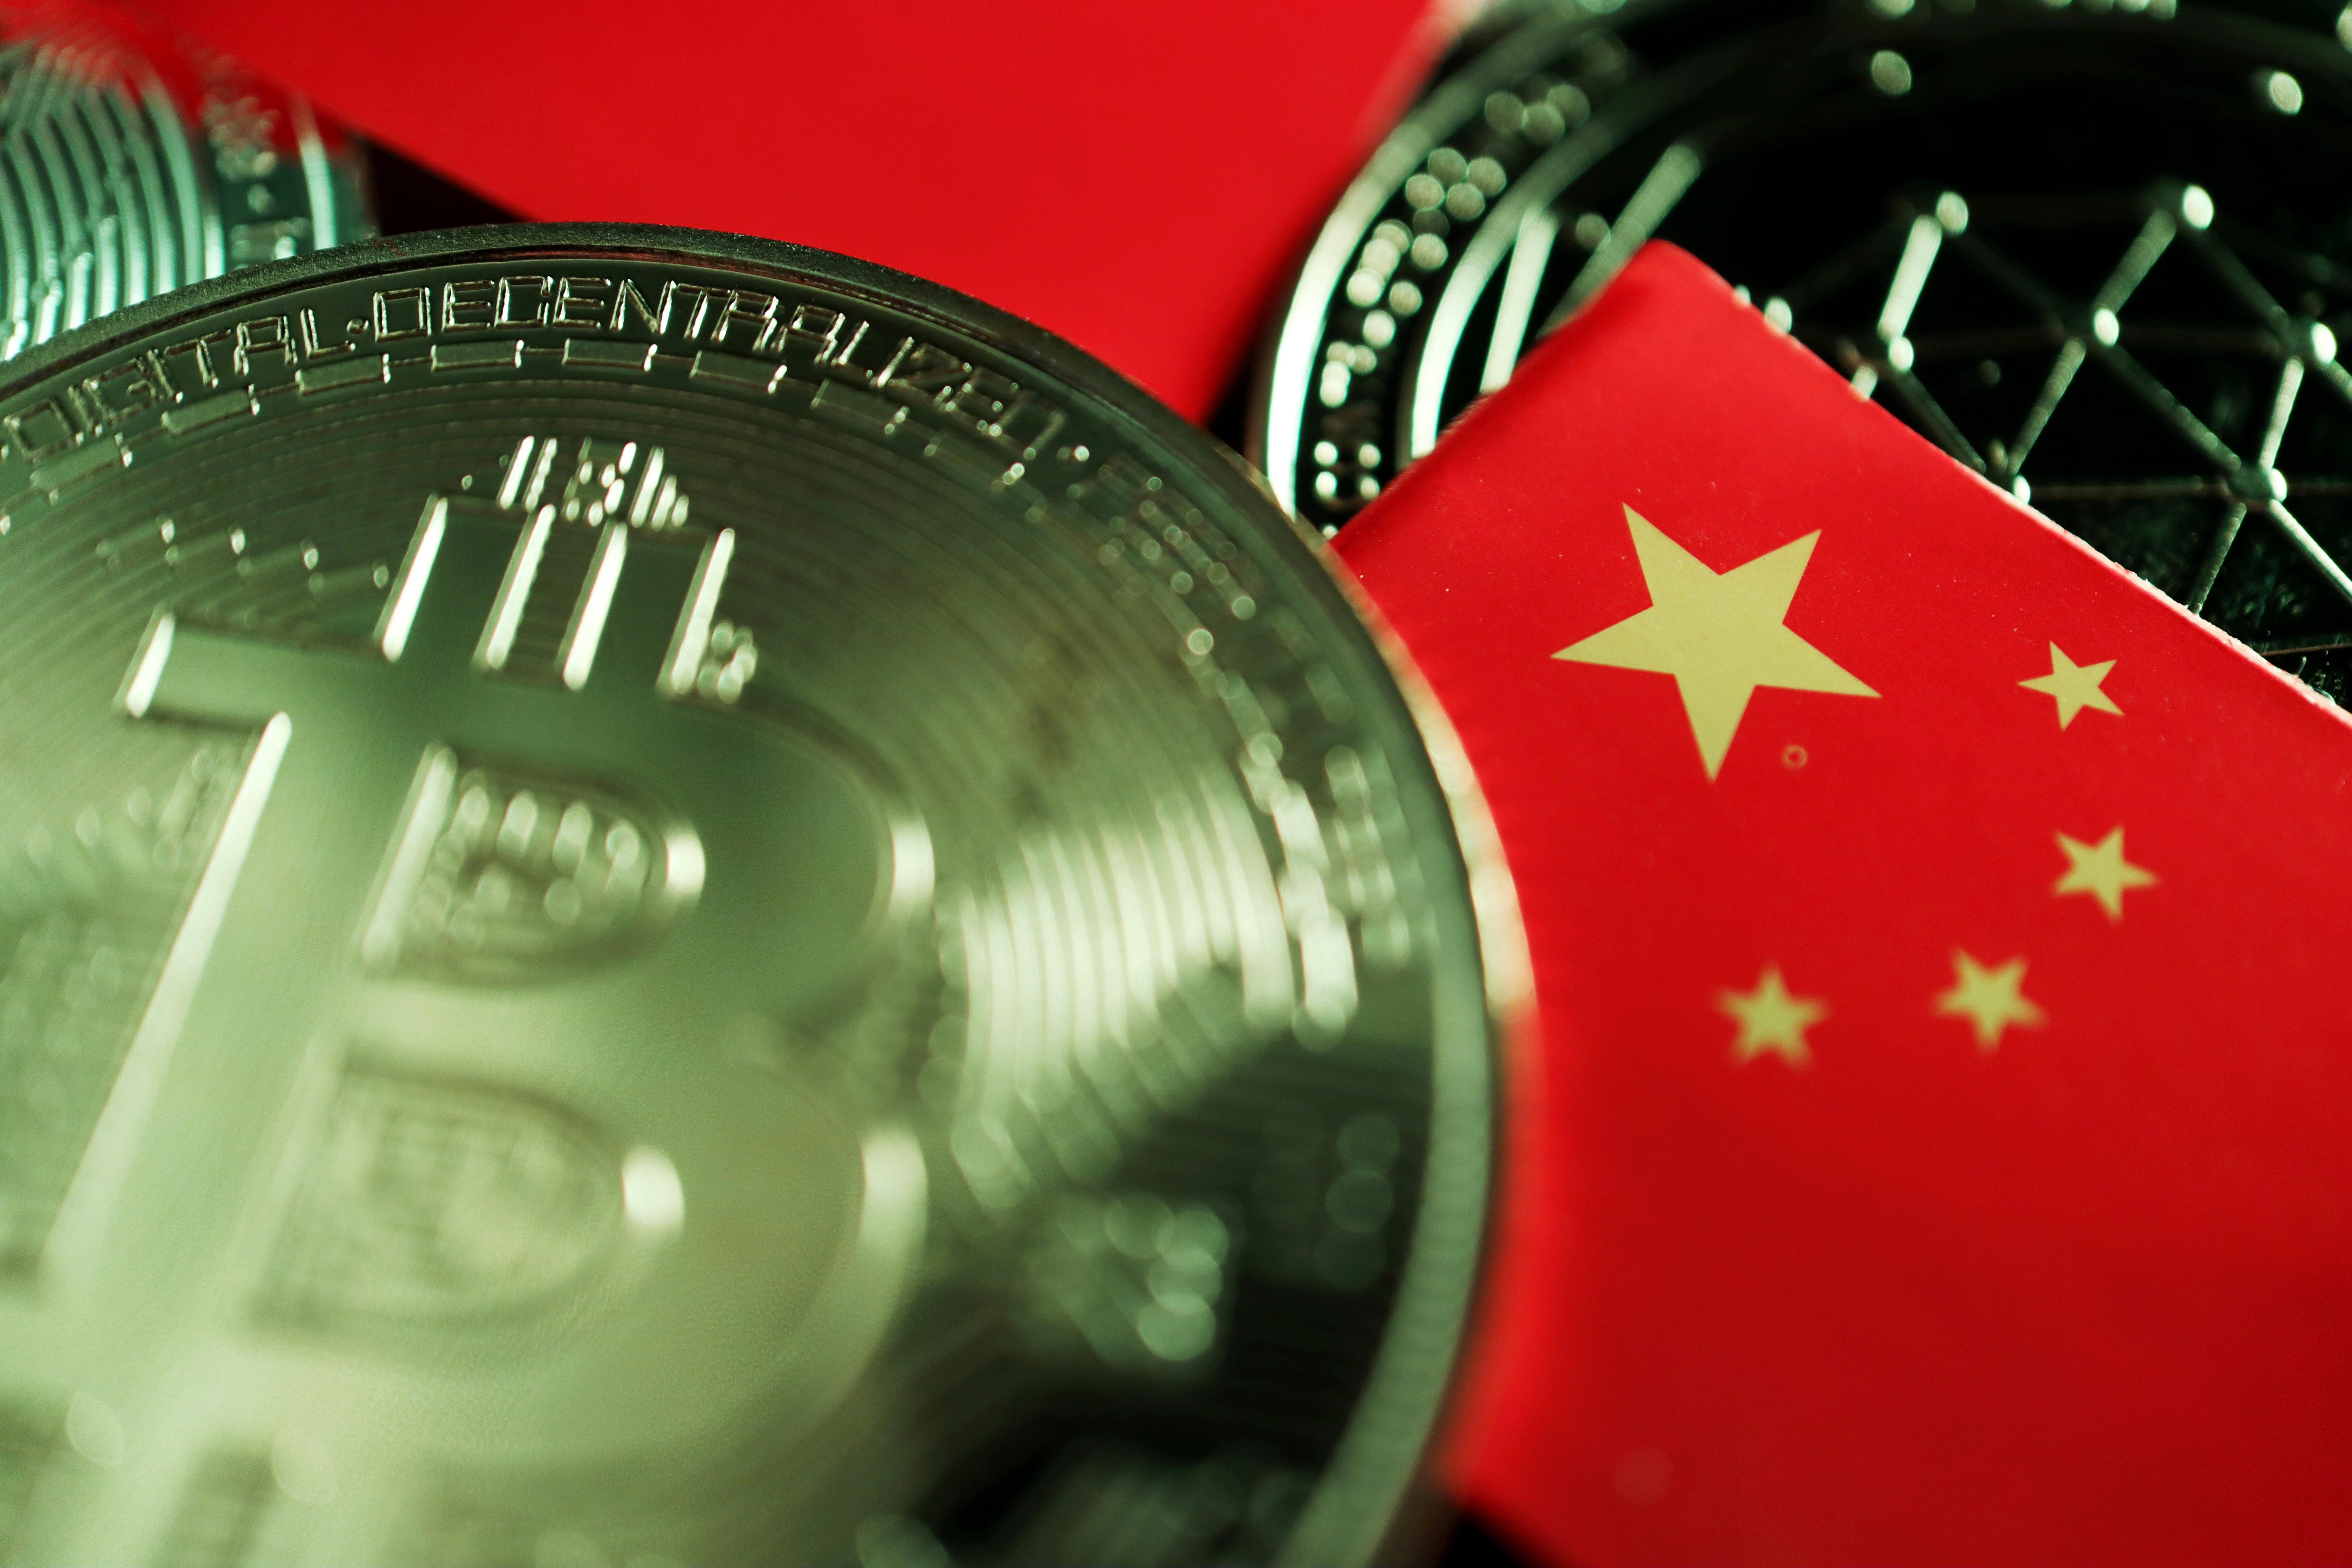 2 जून, 2021 को लिए गए इस चित्रण चित्र में बिटकॉइन और अन्य क्रिप्टोकरेंसी के प्रतिनिधित्व के बीच एक चीनी ध्वज दिखाई देता है। रॉयटर्स/फ्लोरेंस लो/इलस्ट्रेशन/फाइल फोटो